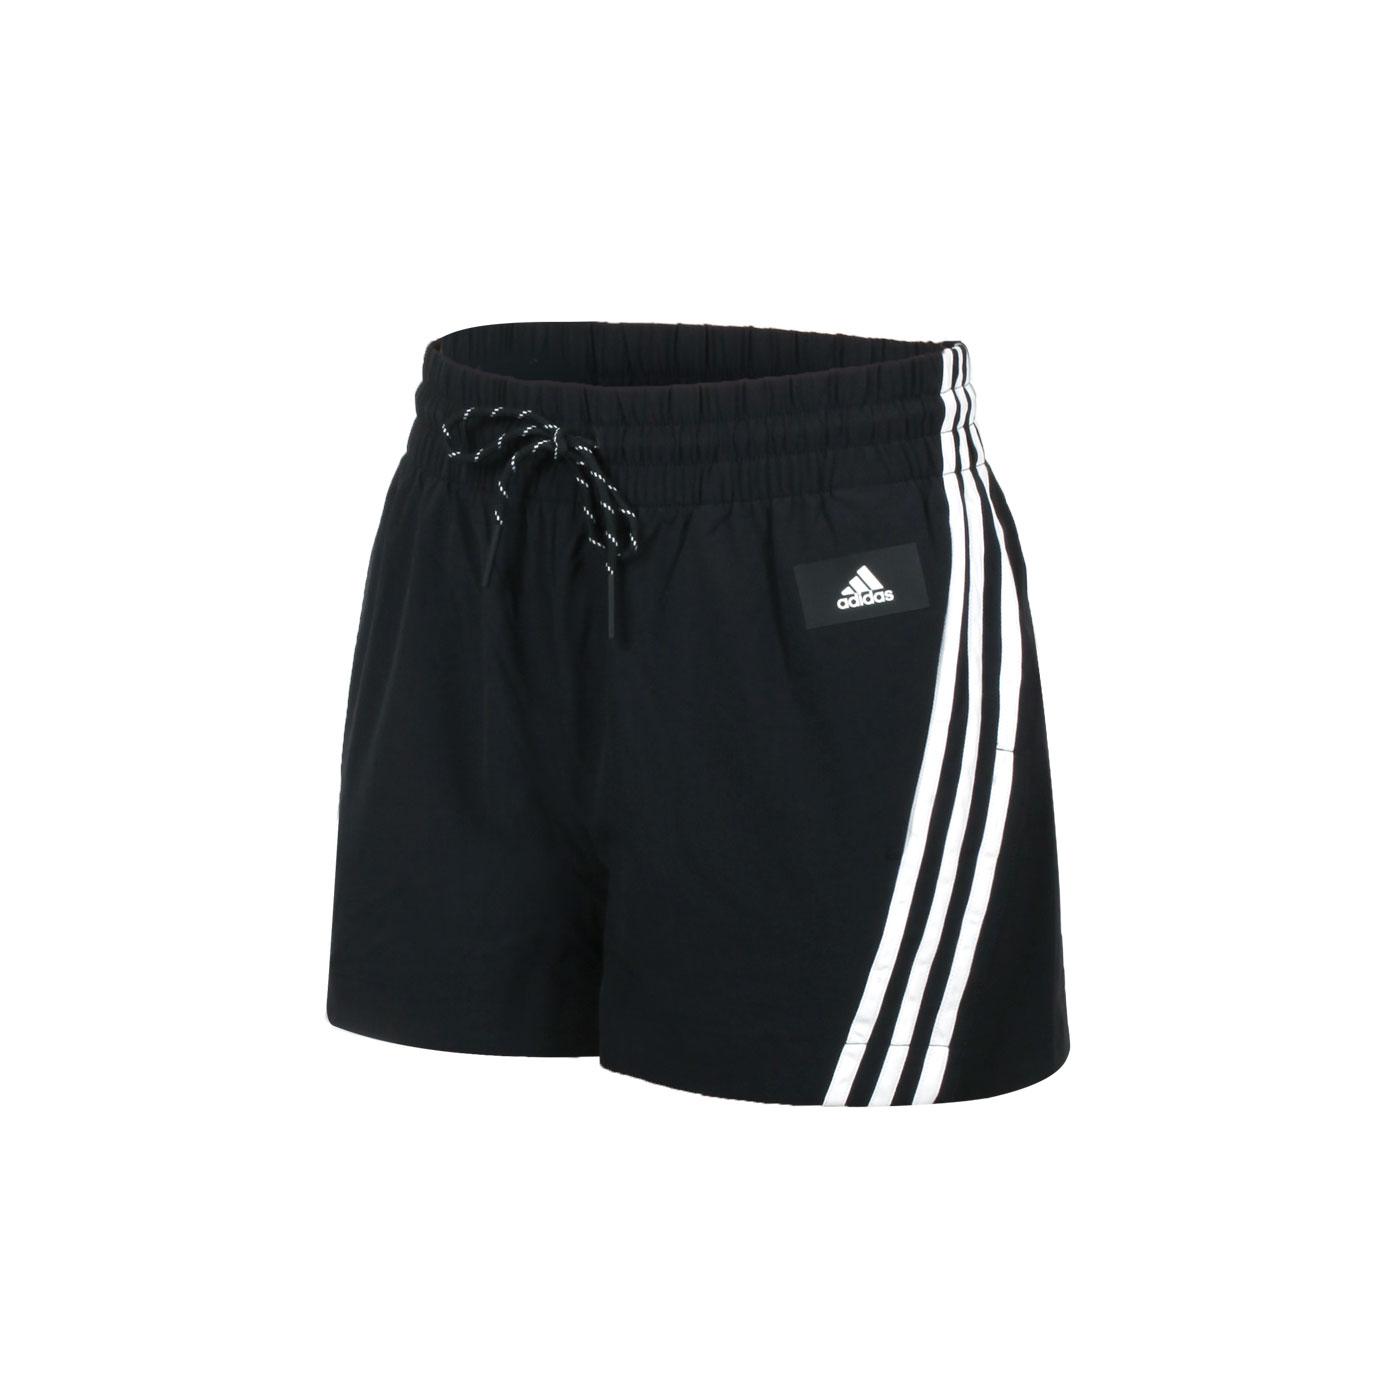 ADIDAS 女款運動短褲 GP7340 - 黑白